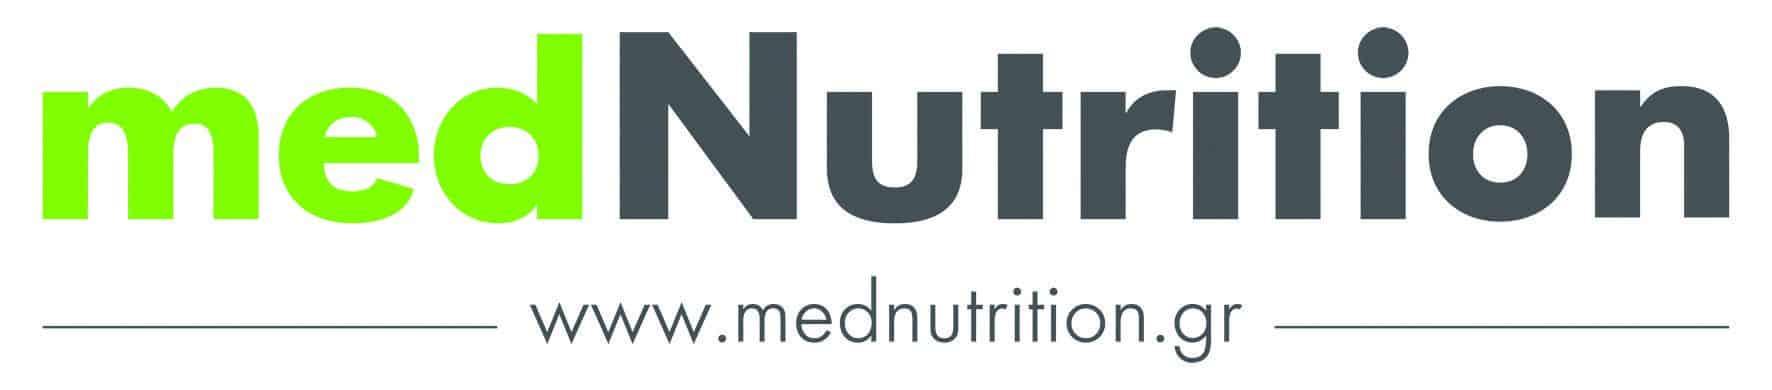 logo mednutritiongr print cmyk